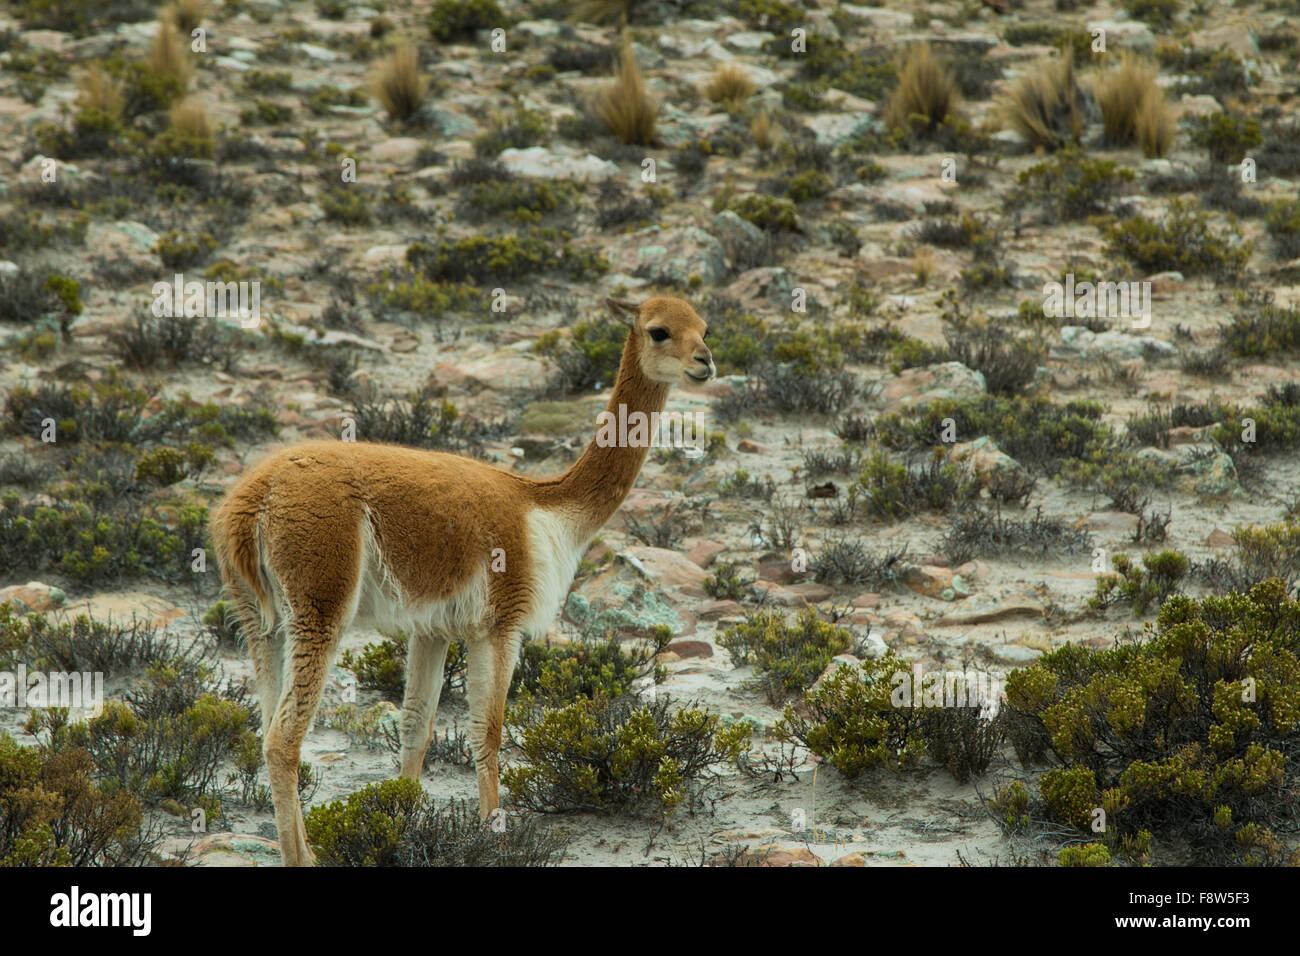 Altiplano alpaca stockfotos altiplano alpaca bilder for Kleine esstisch gruppe